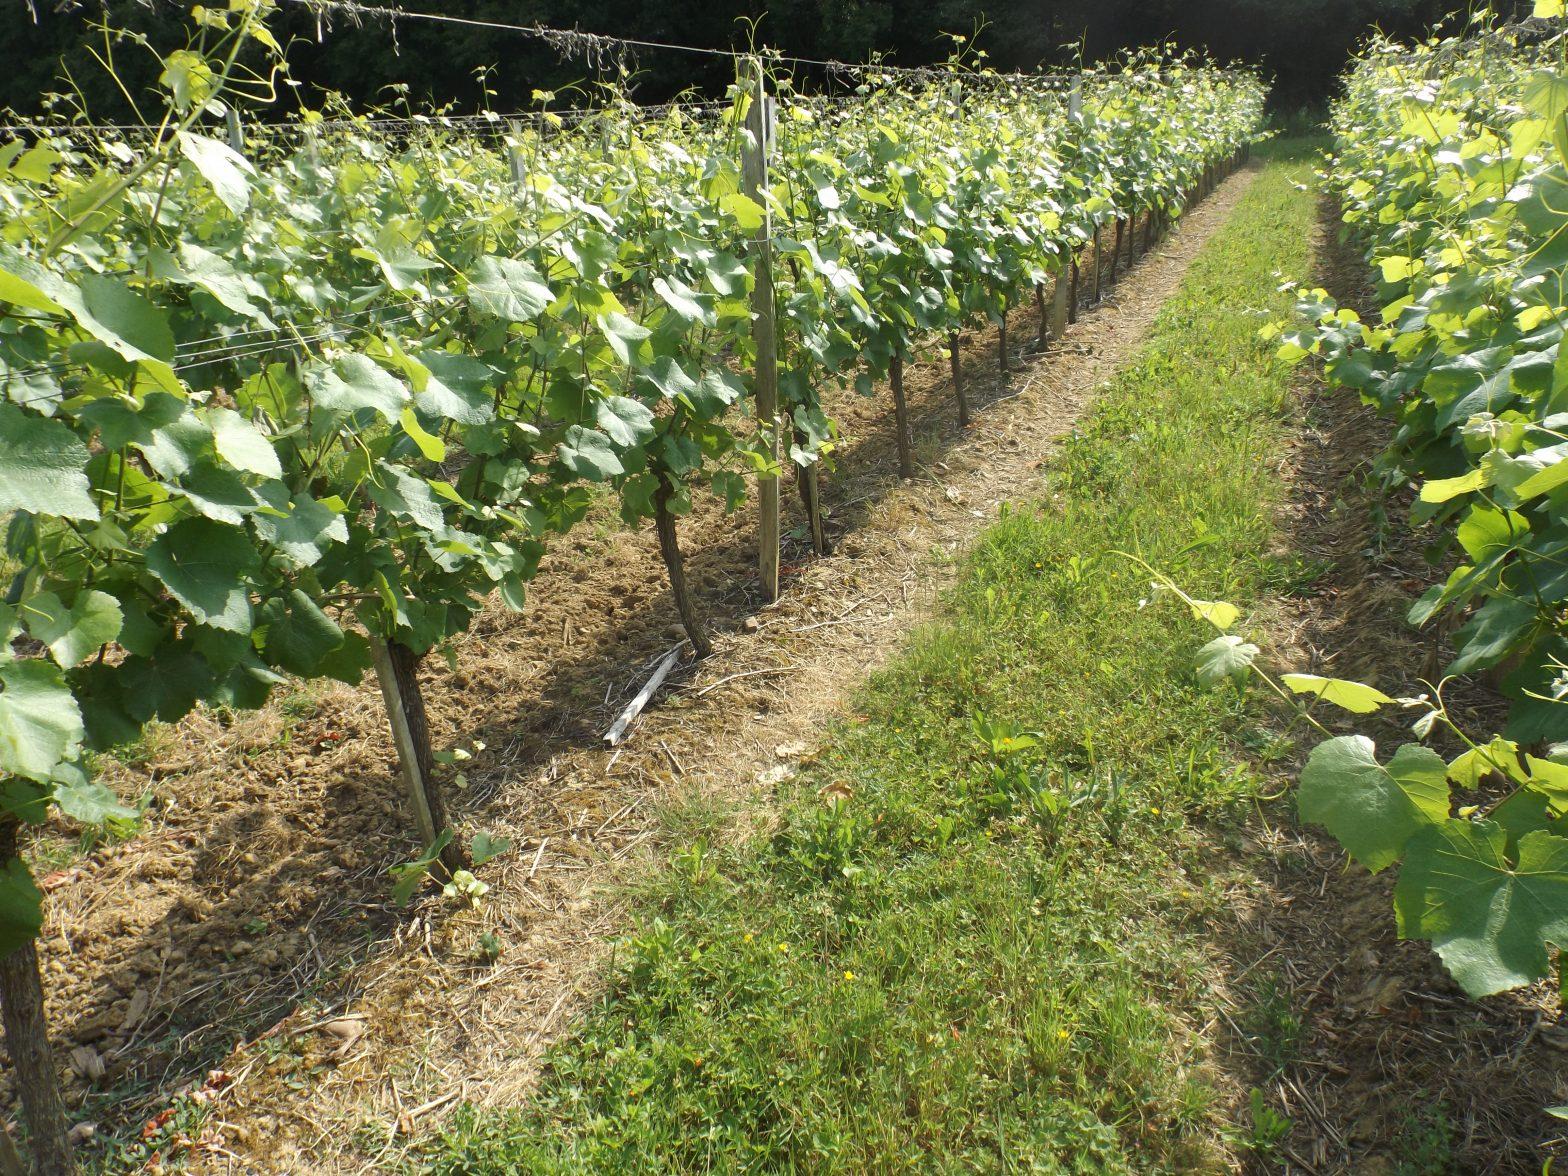 Propriété viticole à vendre de 21 HA - Bordeaux - 16131 - fr